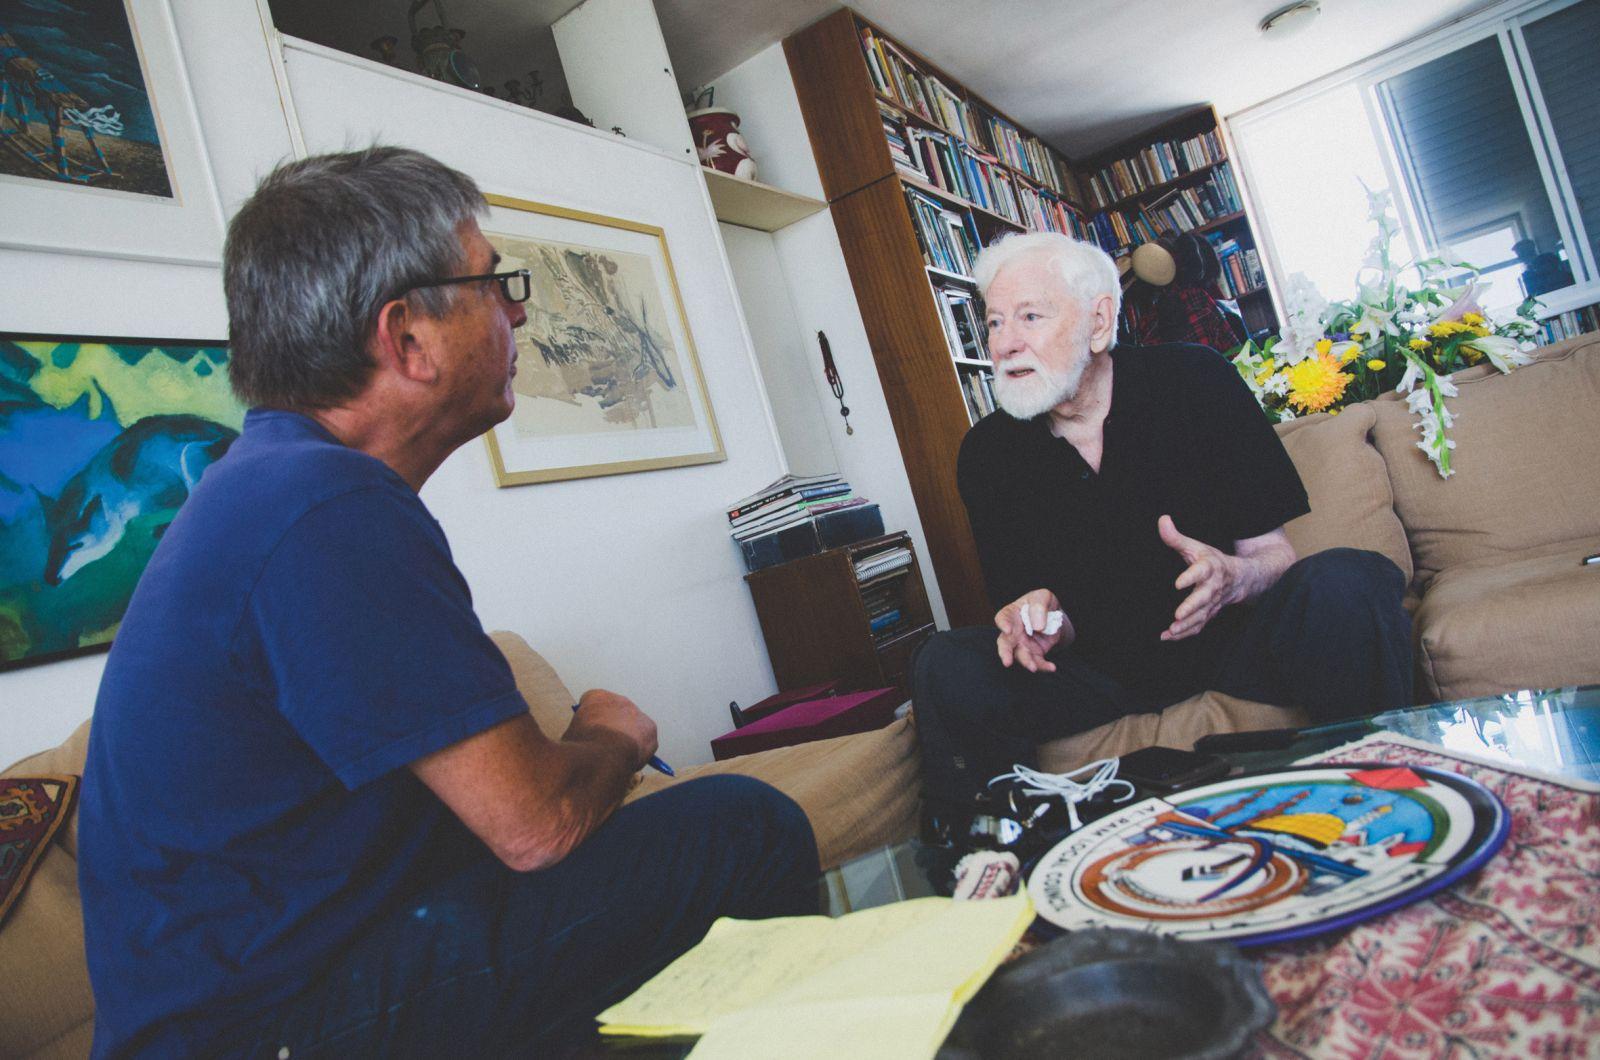 חנוך מרמרי (משמאל) מראיין את אורי אבנרי בביתו בתל-אביב, 28.5.13 (צילום: יולי גורודנסקי)